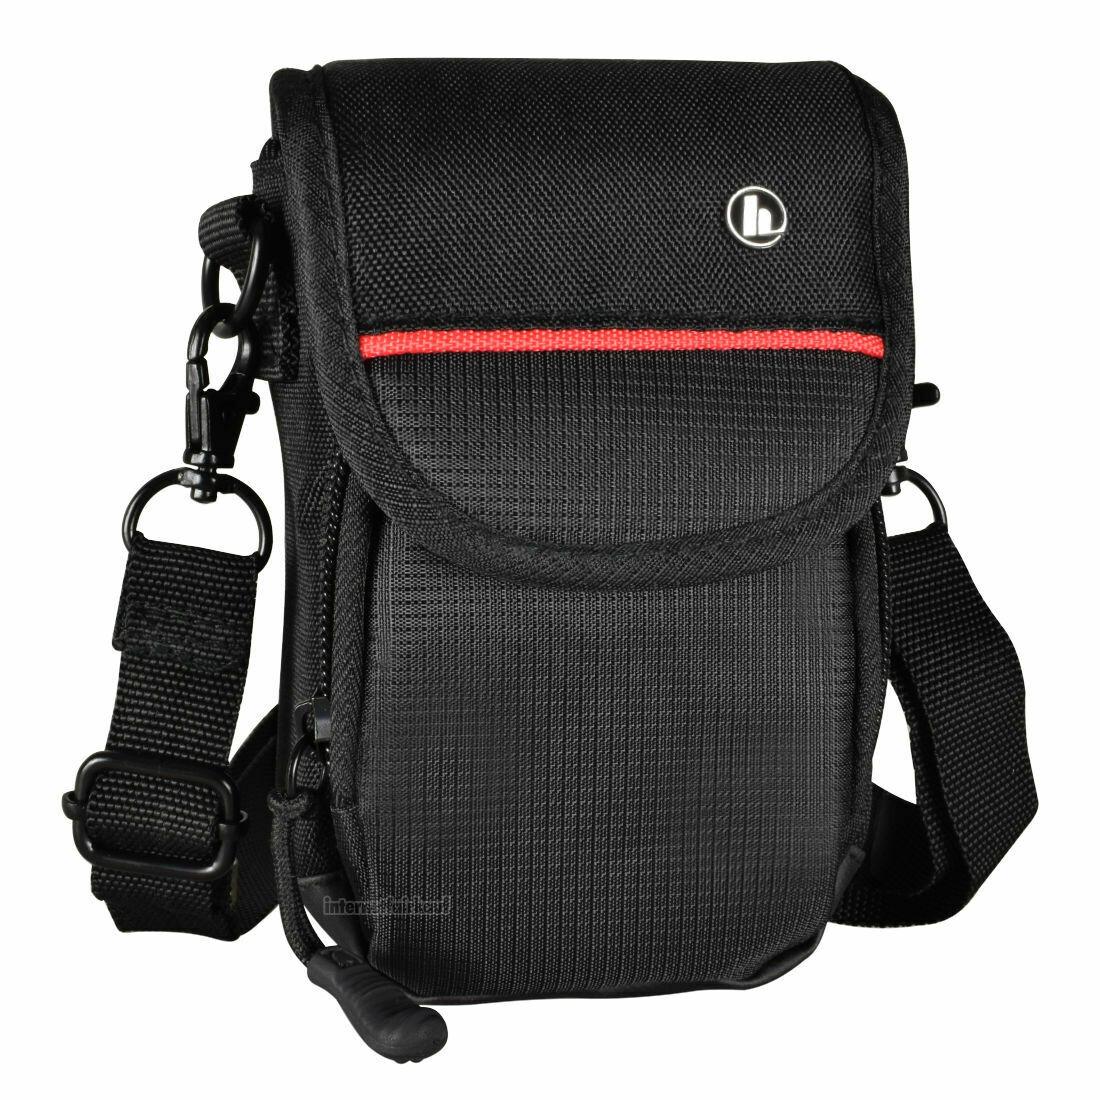 Tasche Kameratasche passend für Canon Powershot A700 A710 IS A720 IS